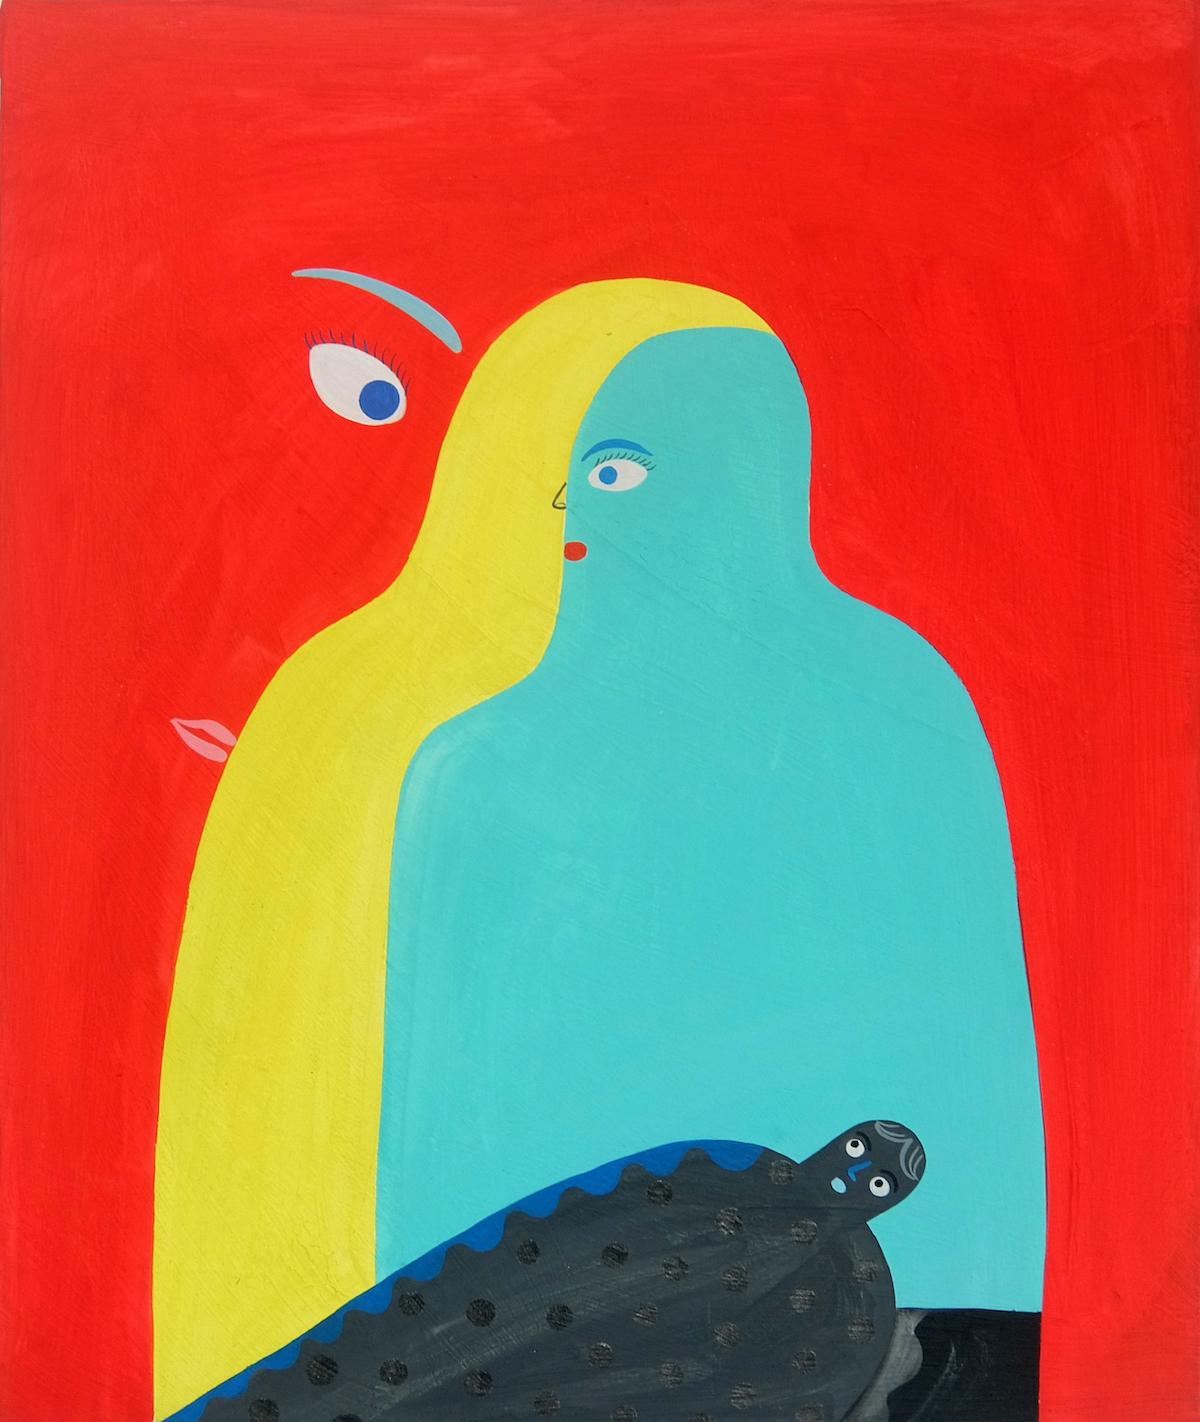 岡田杏里《ヒトの心の構造について》 アクリル/カンヴァス、60×50cm、2019年、個人蔵 ©Anri Okada